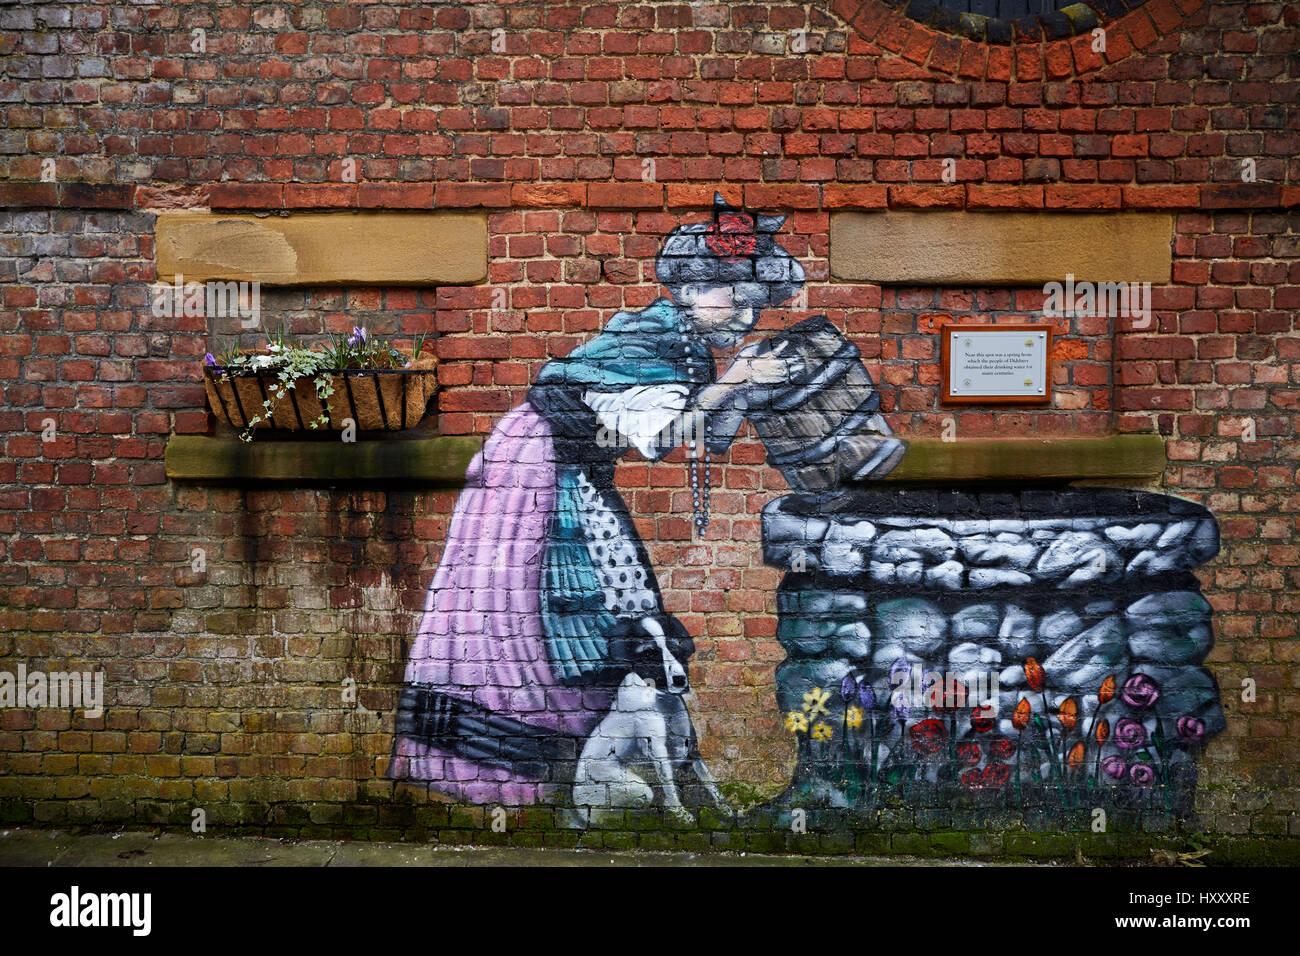 Graffiti-Kunst, strebe Wandgemälde, auf dem Gelände des Wasser gut Spa Stenner Lane im Didsbury, Manchester, Stockbild